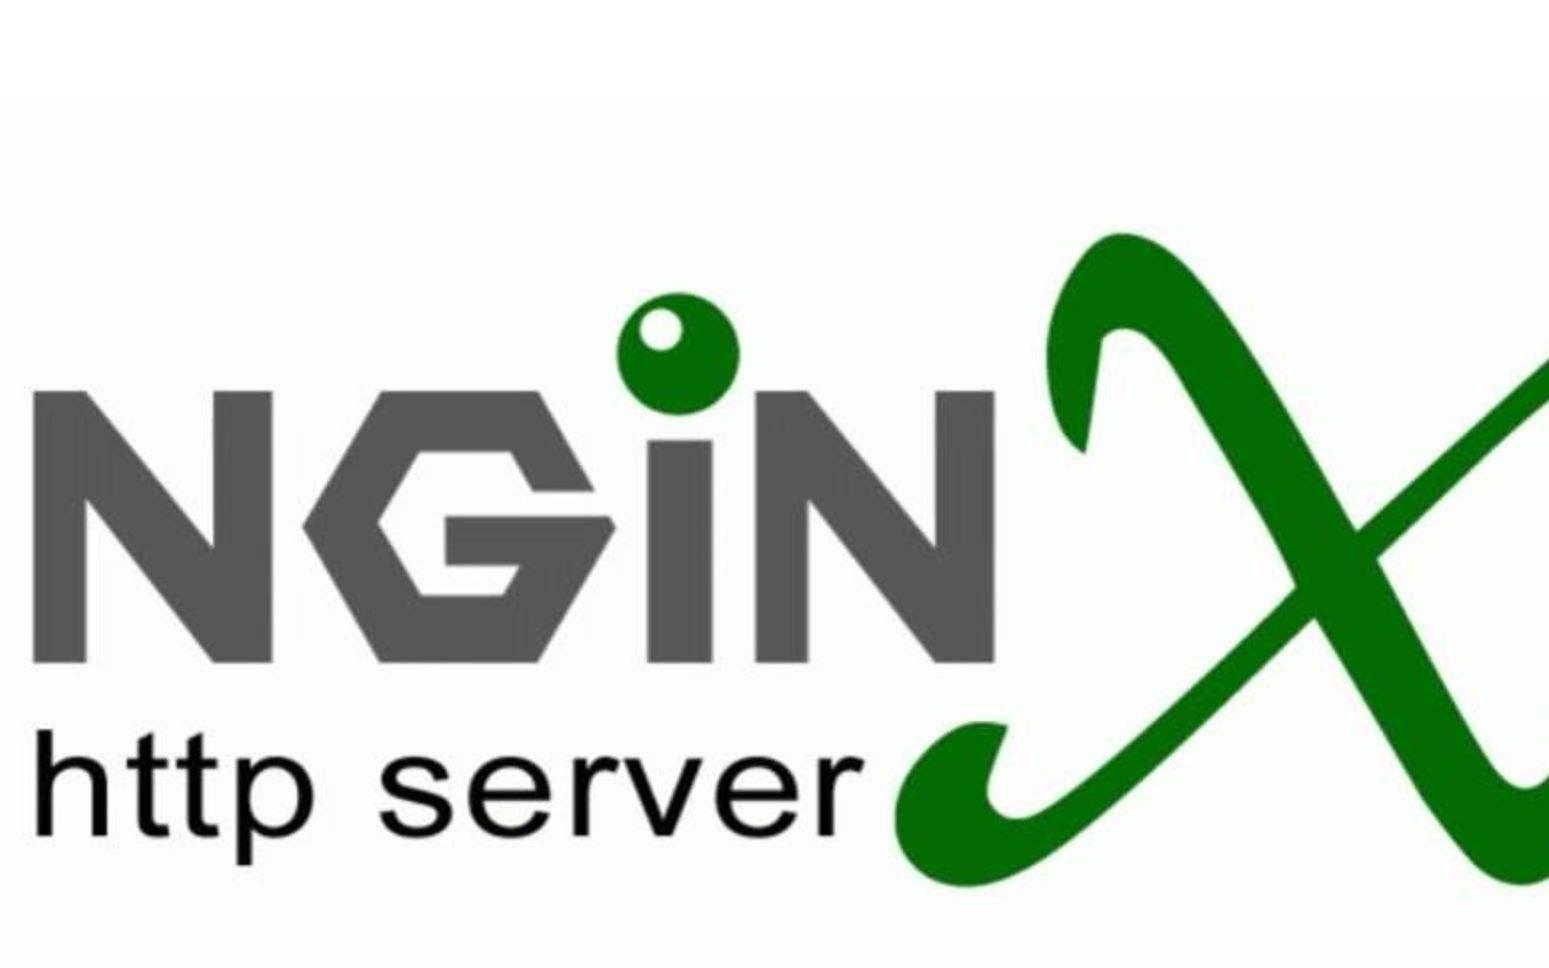 Linux下nginx安装